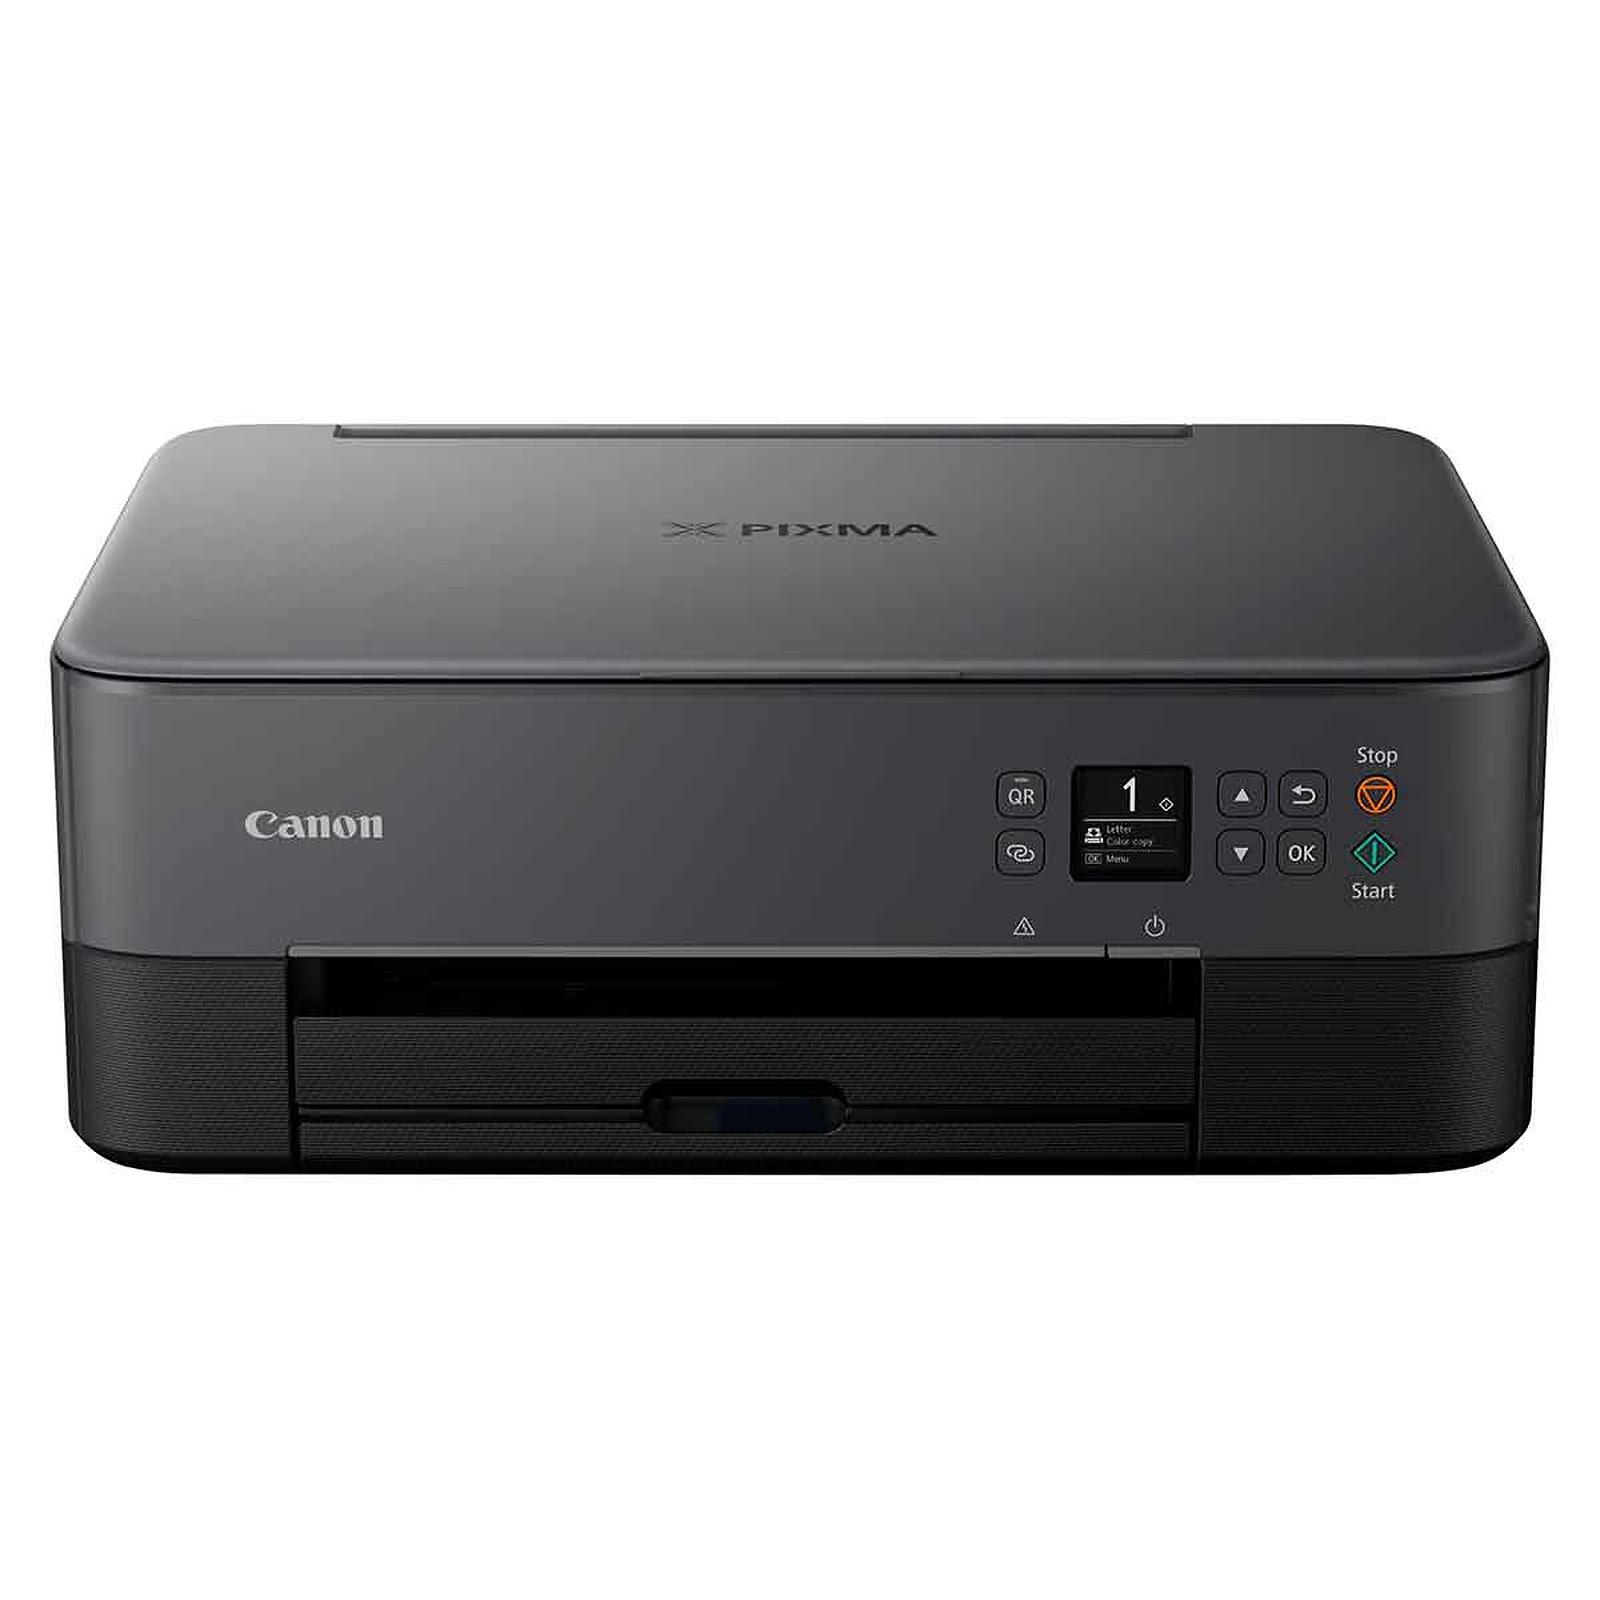 PIXMA TS5350 (3773C006 **) - Achat / Vente Imprimante multifonction sur Picata.fr - 0